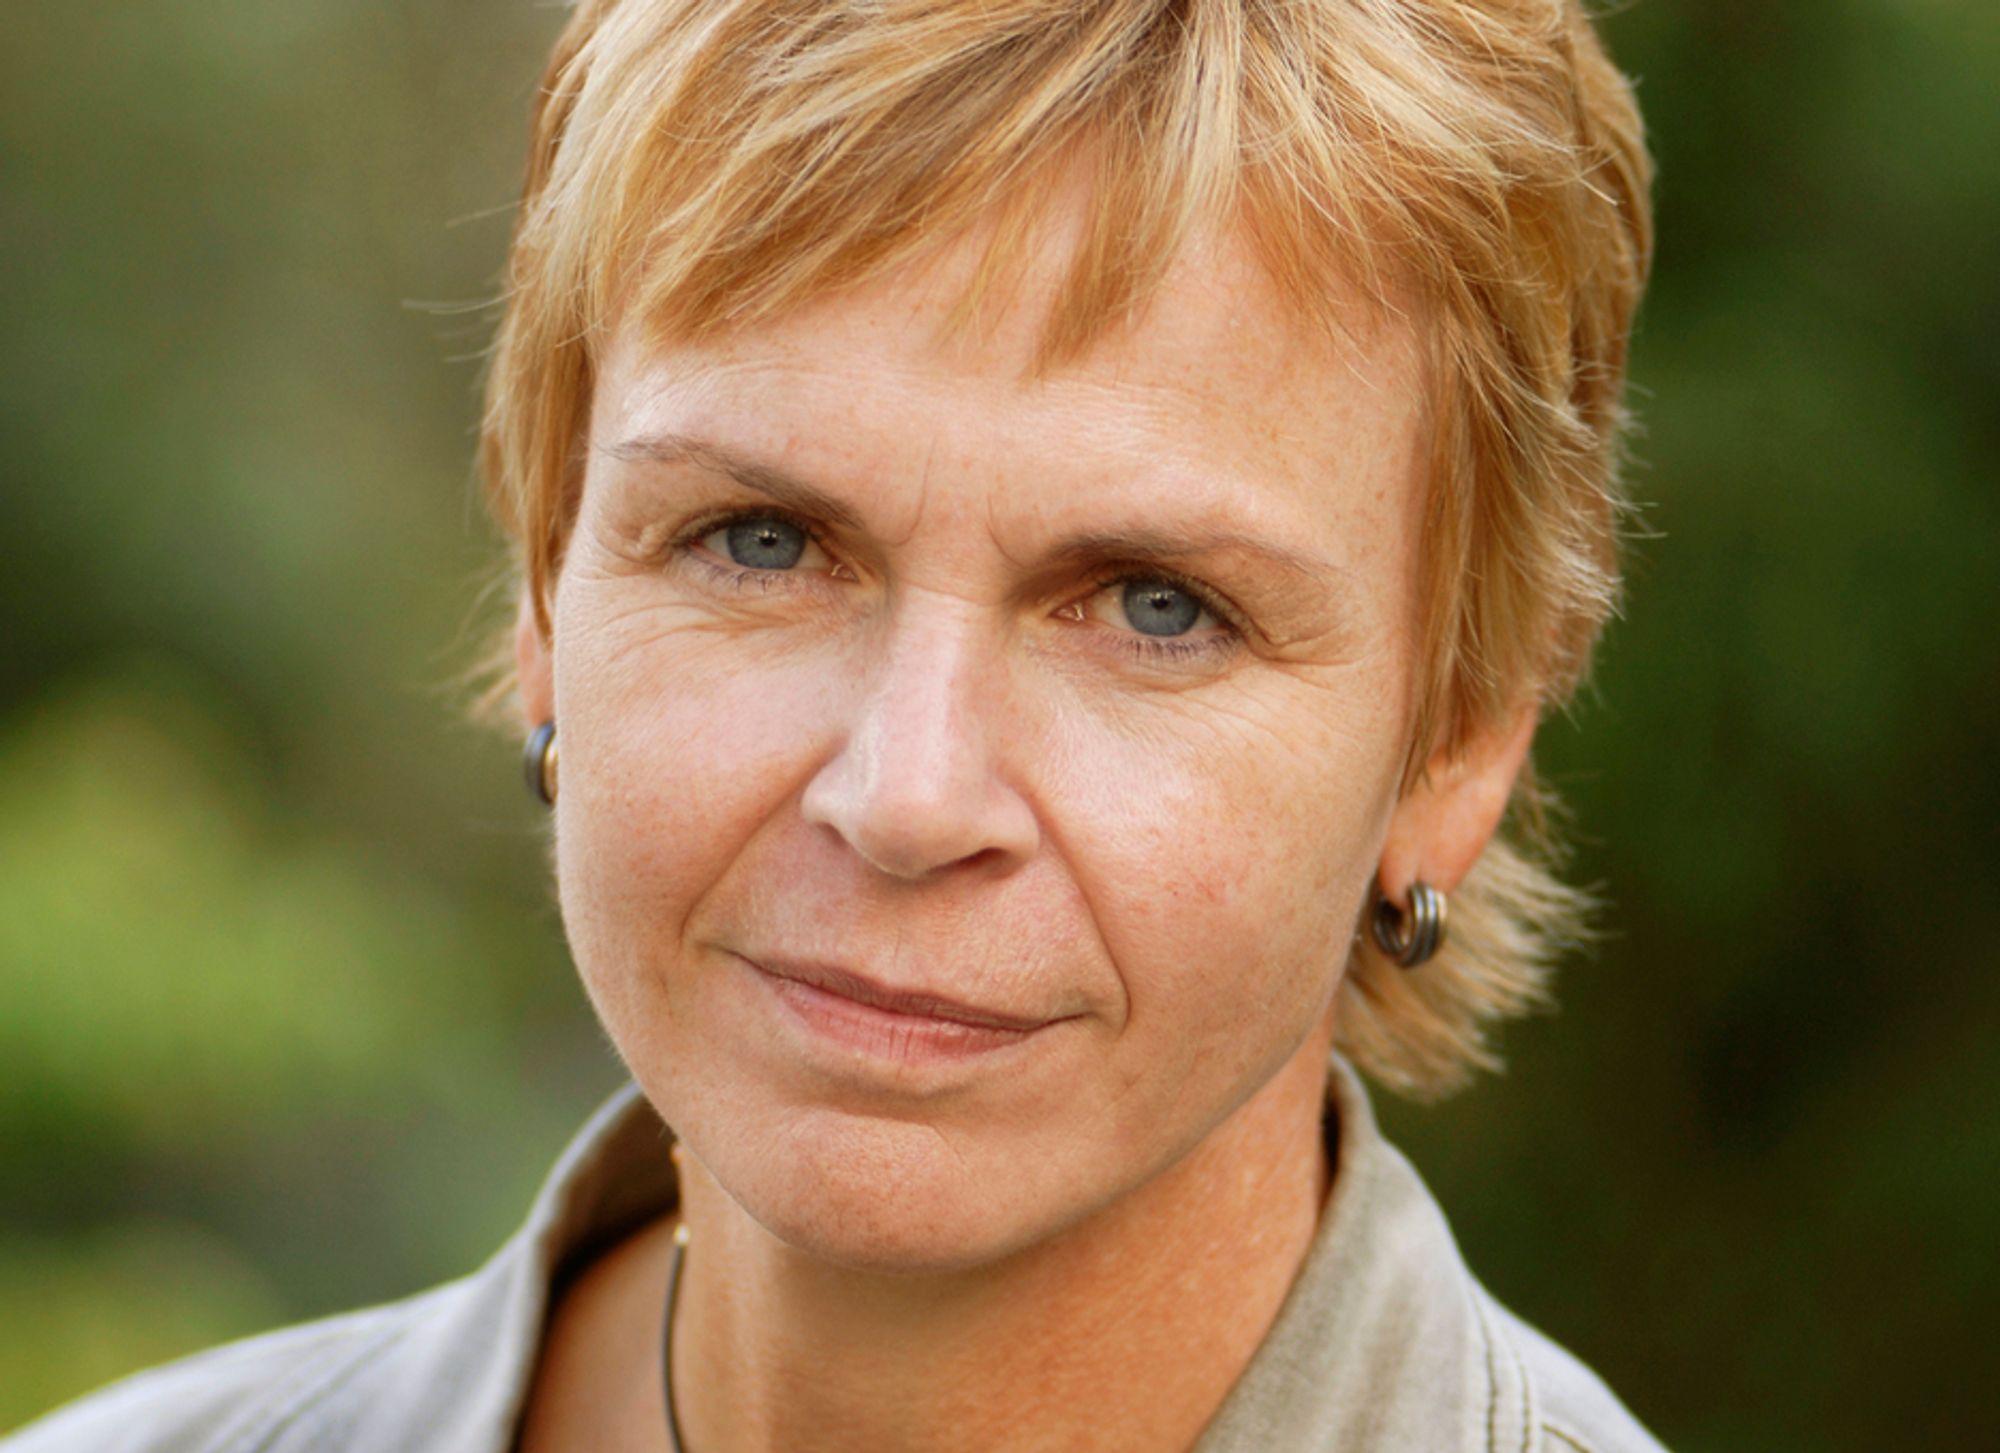 HJELP: NITO-president Marit Stykket stepper inn og låner penger til medlemmer som sliter på grunn av den lange saksbehandlingstiden hos NAV.